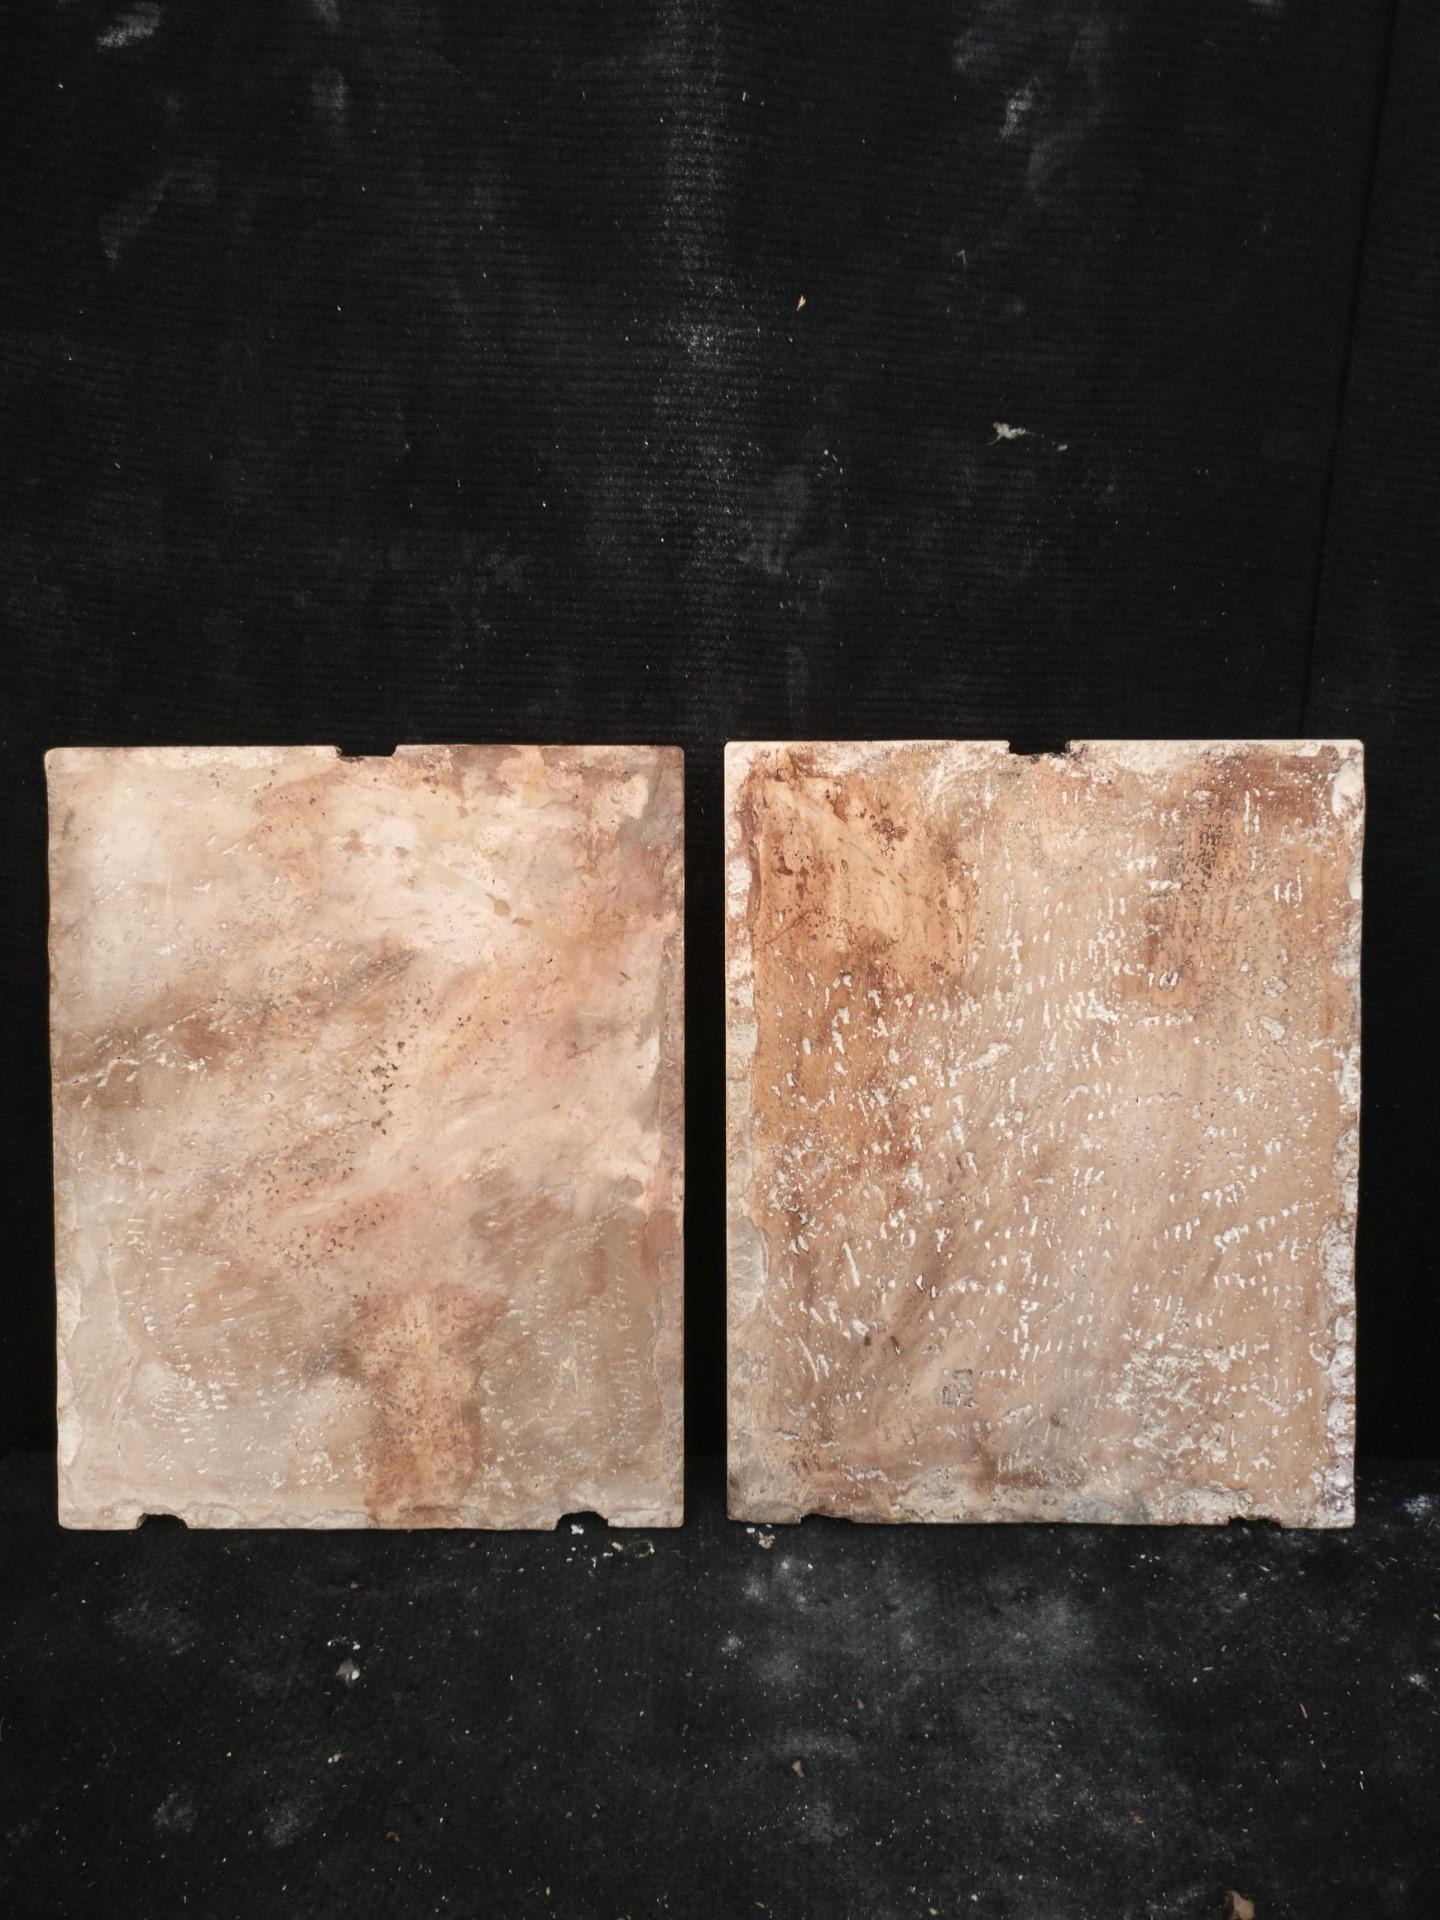 thumb10 Magnifica Coppia di Fasci Littori in Travertino - Stemmi da muro - 32 x 40 cm - Roma - 1927/28